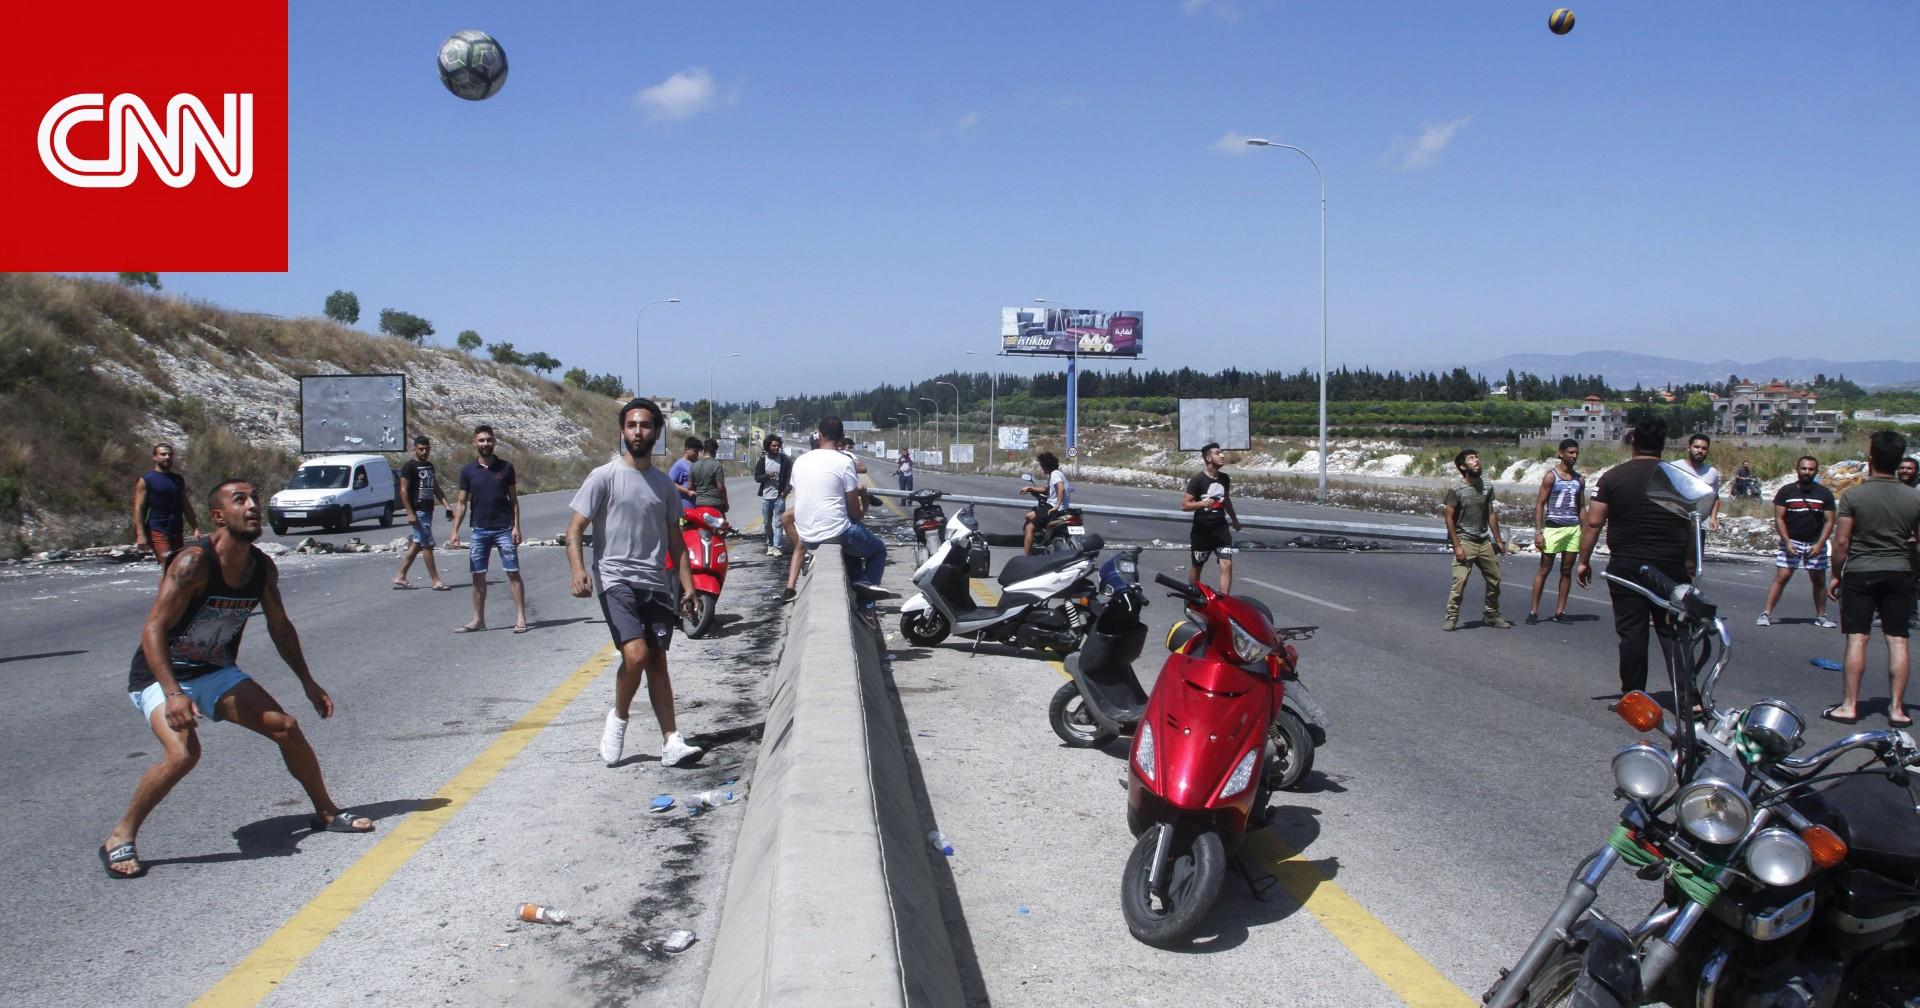 الرئيس اللبناني يعلن ضخ دولارات في السوق لاحتواء أزمة انهيار الليرة